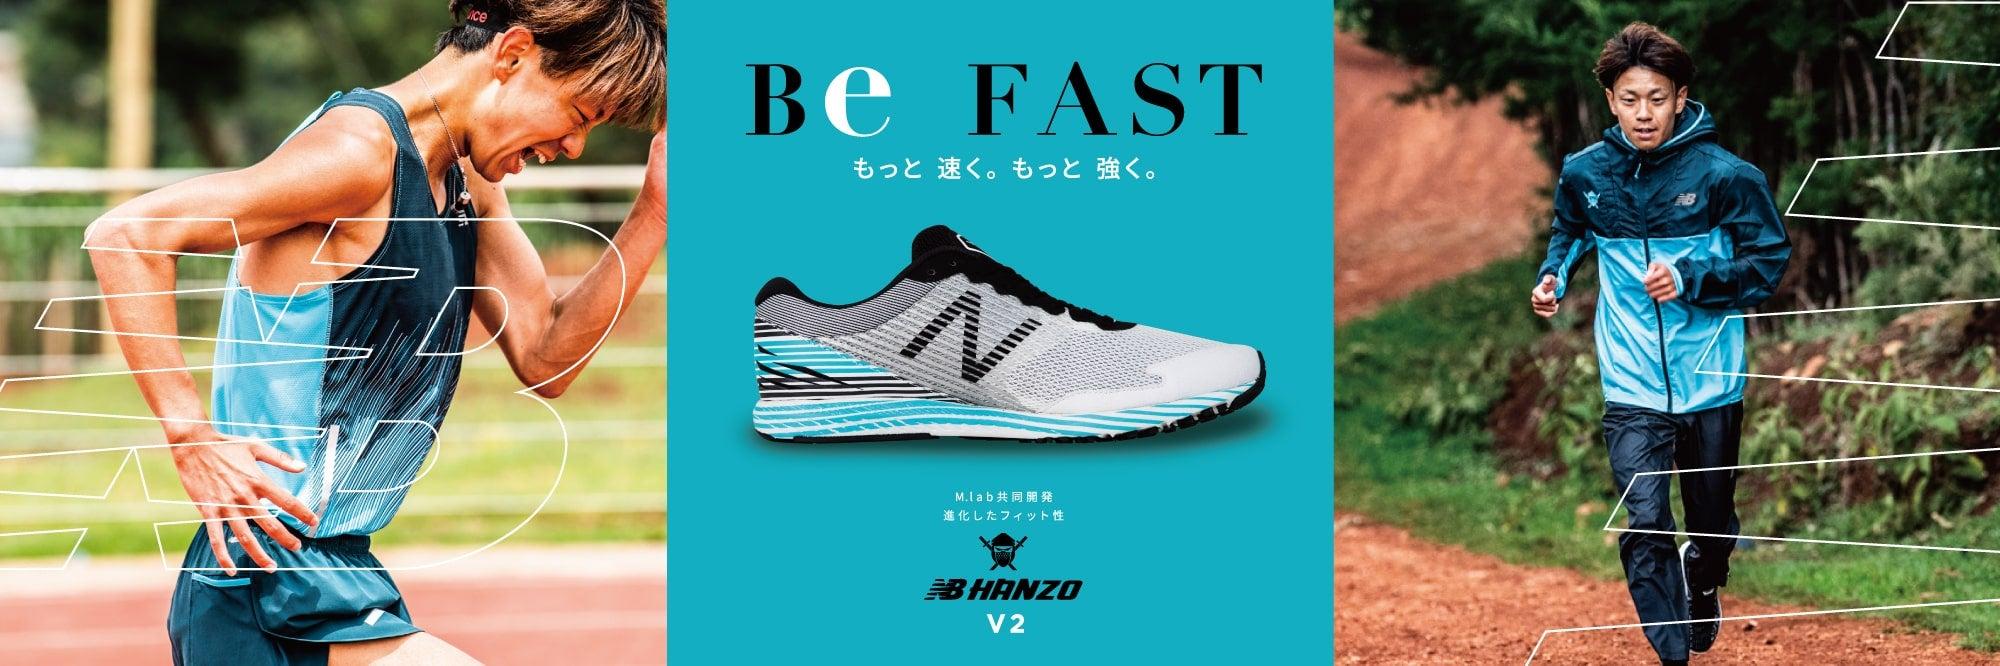 「【レベル別】マラソンのレーシングシューズにおすすめ!ニューバランス『HANZO』シリーズまとめ」の画像